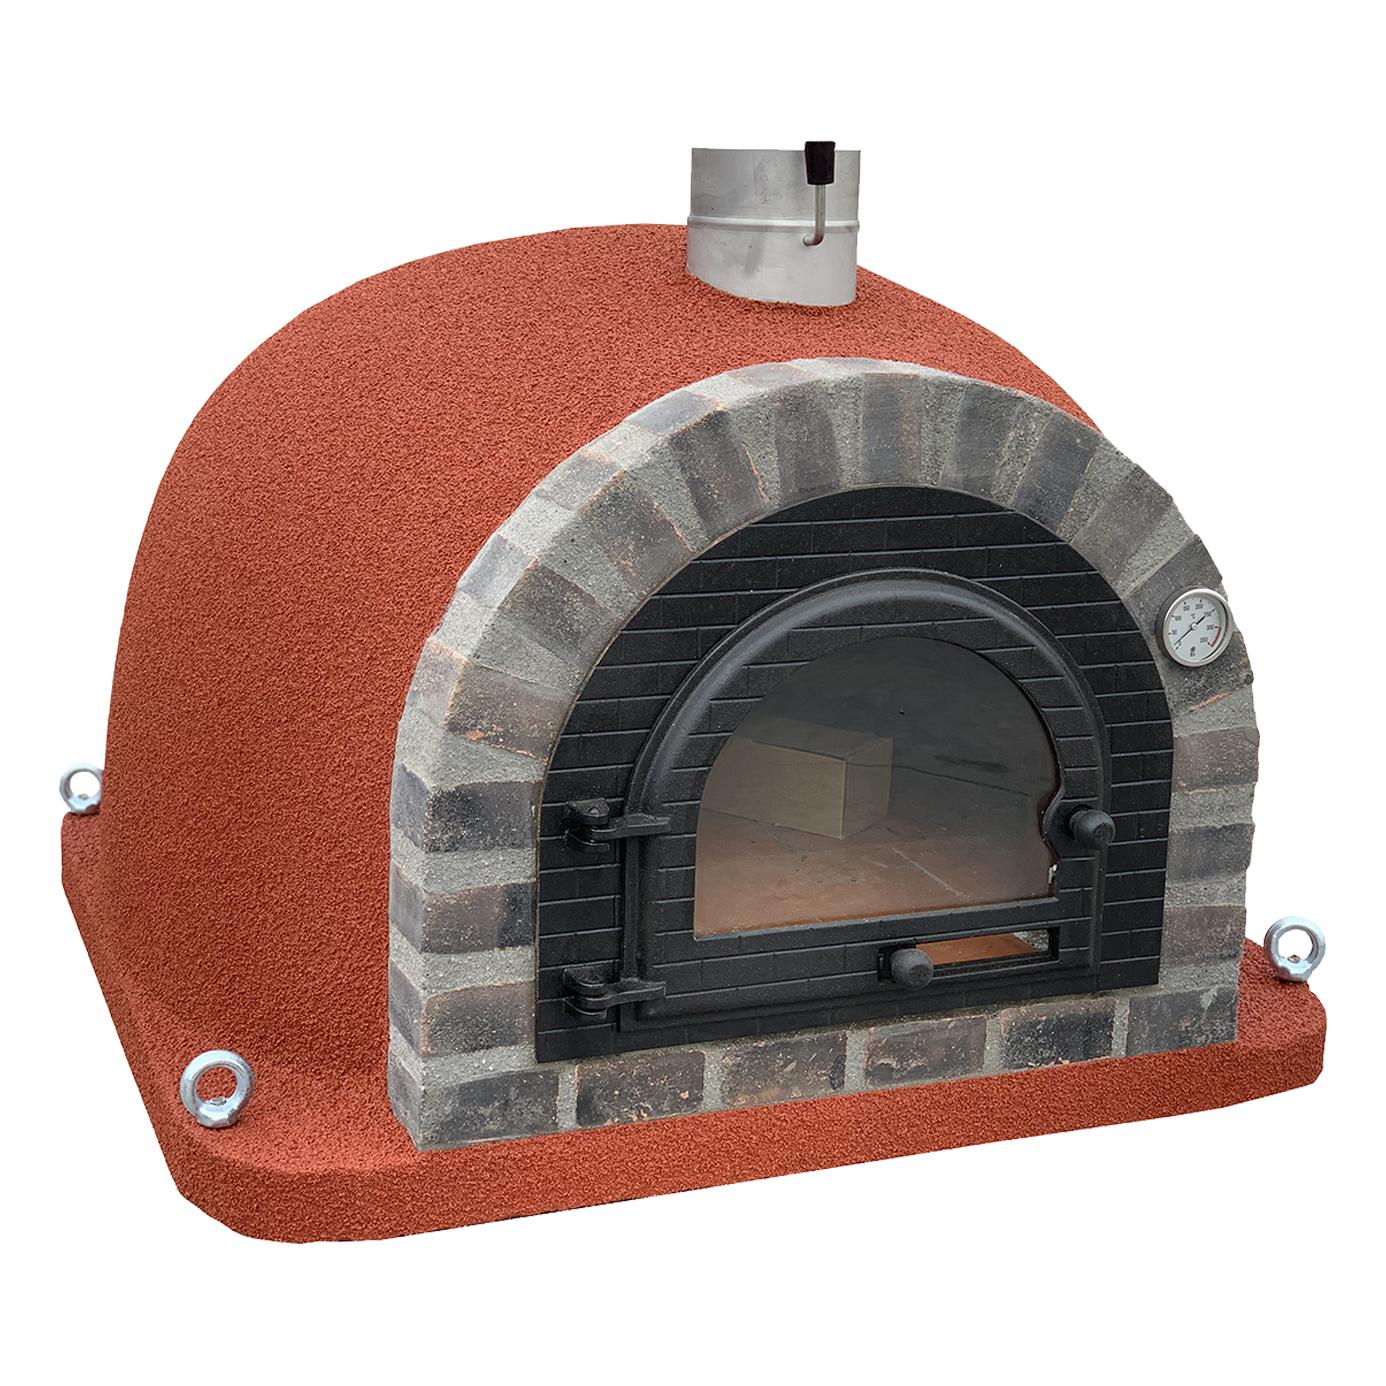 Pizzaugn | Vedugn | Stenugn Forno Deulxe röd med rustikt svart tegel